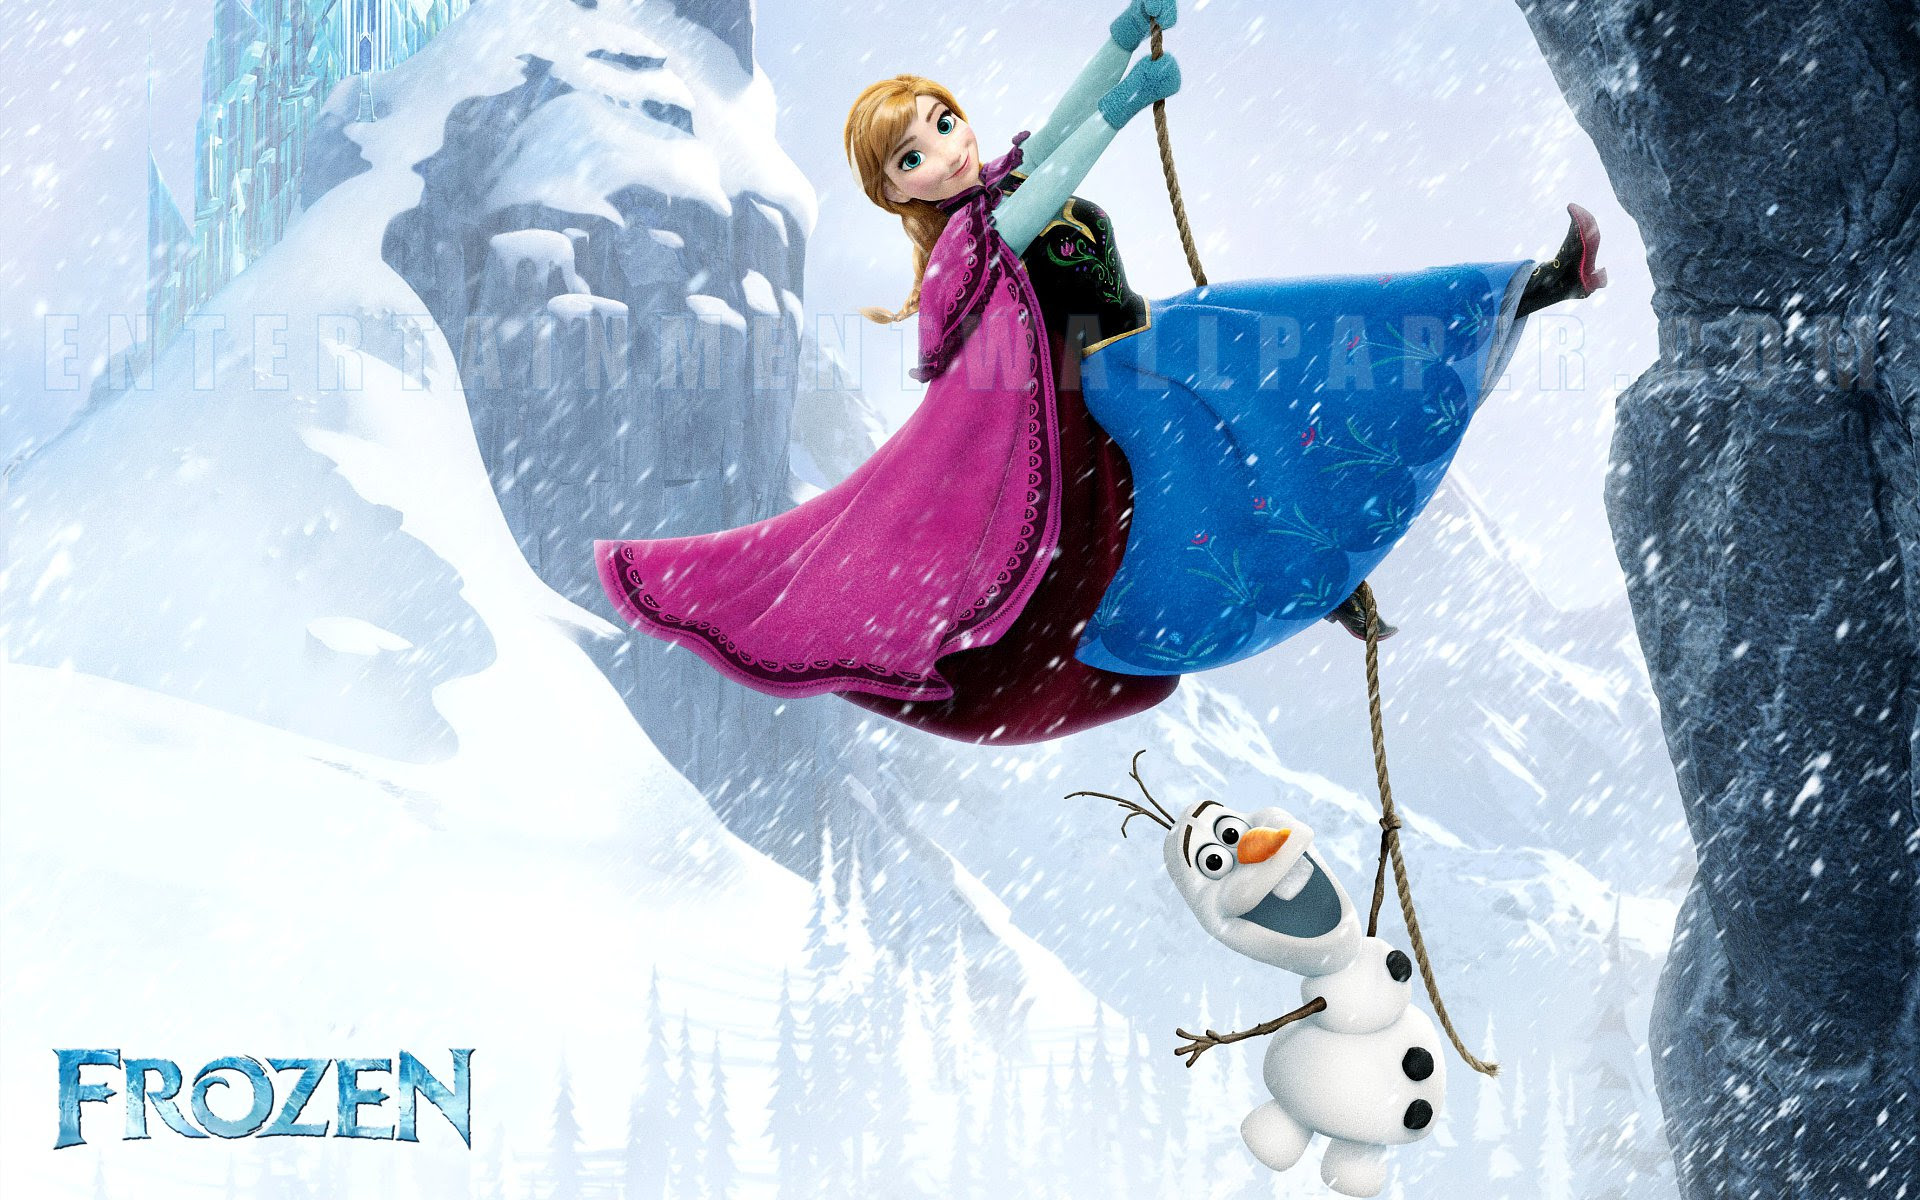 アナと雪の女王 壁紙 アナと雪の女王 壁紙 36149212 ファン